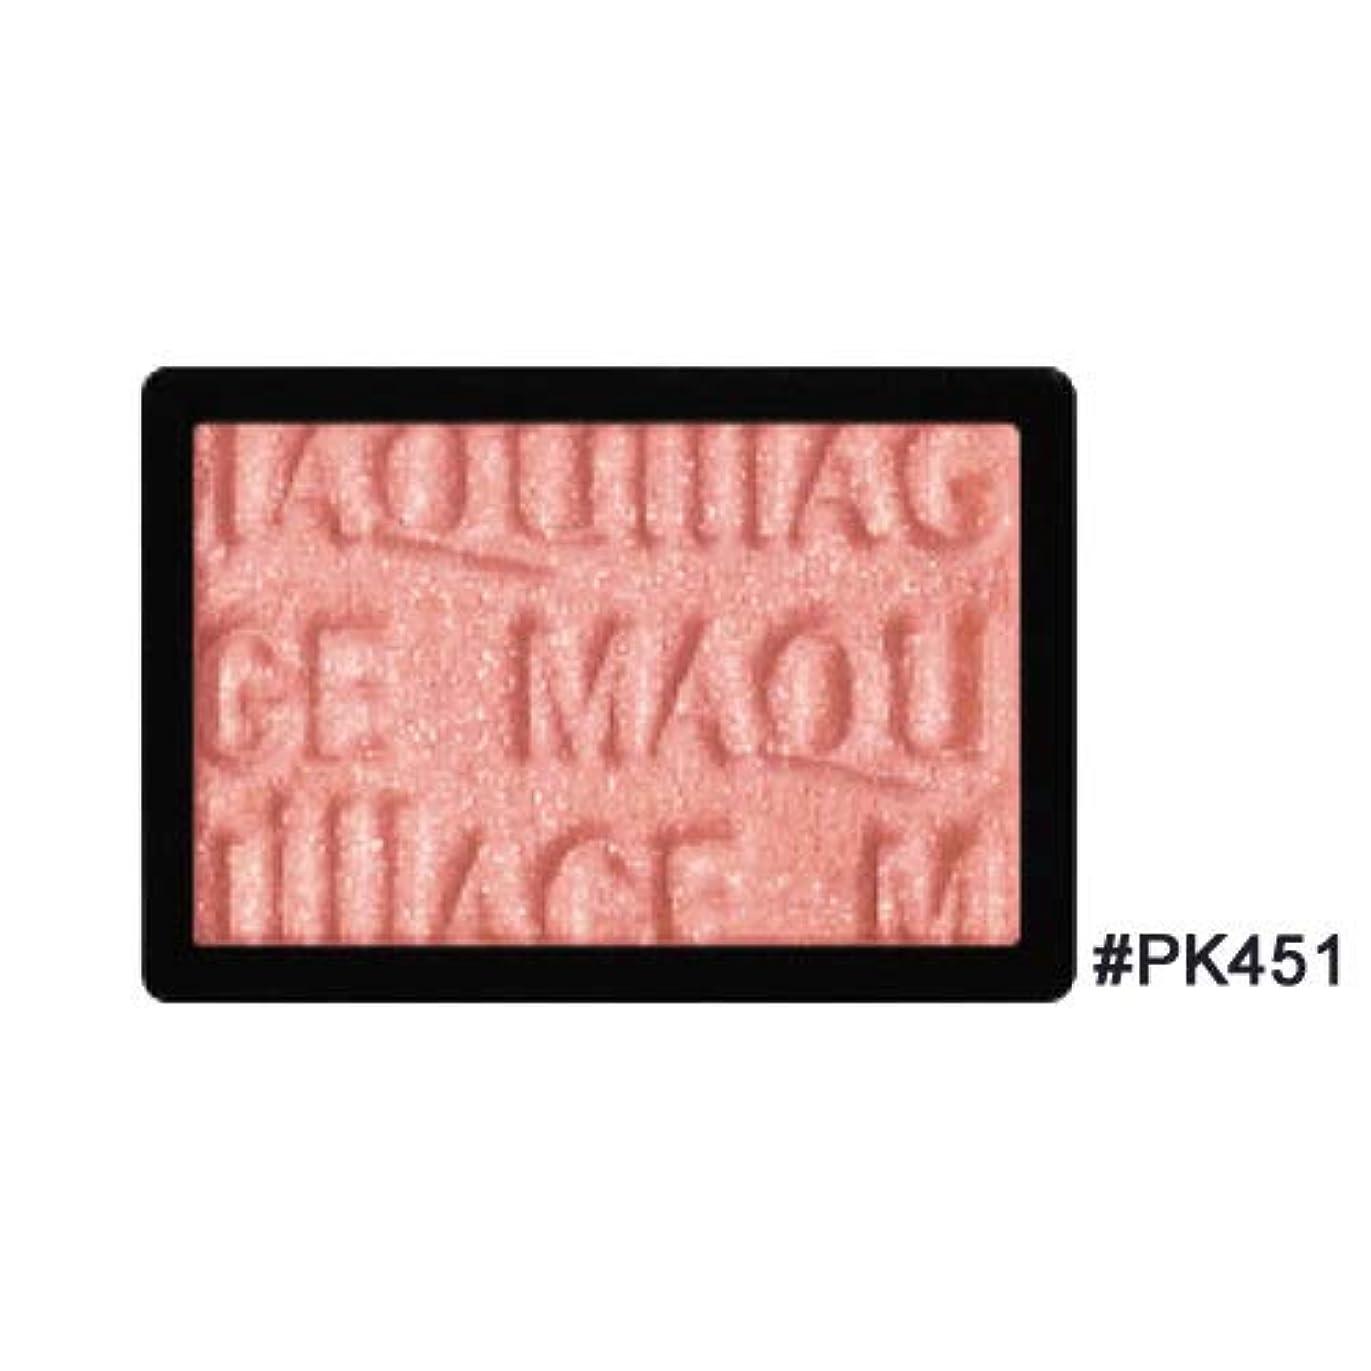 調和アークファントム資生堂 SHISEIDO マキアージュ アイカラー N (パウダー) レフィル #PK451 [並行輸入品]